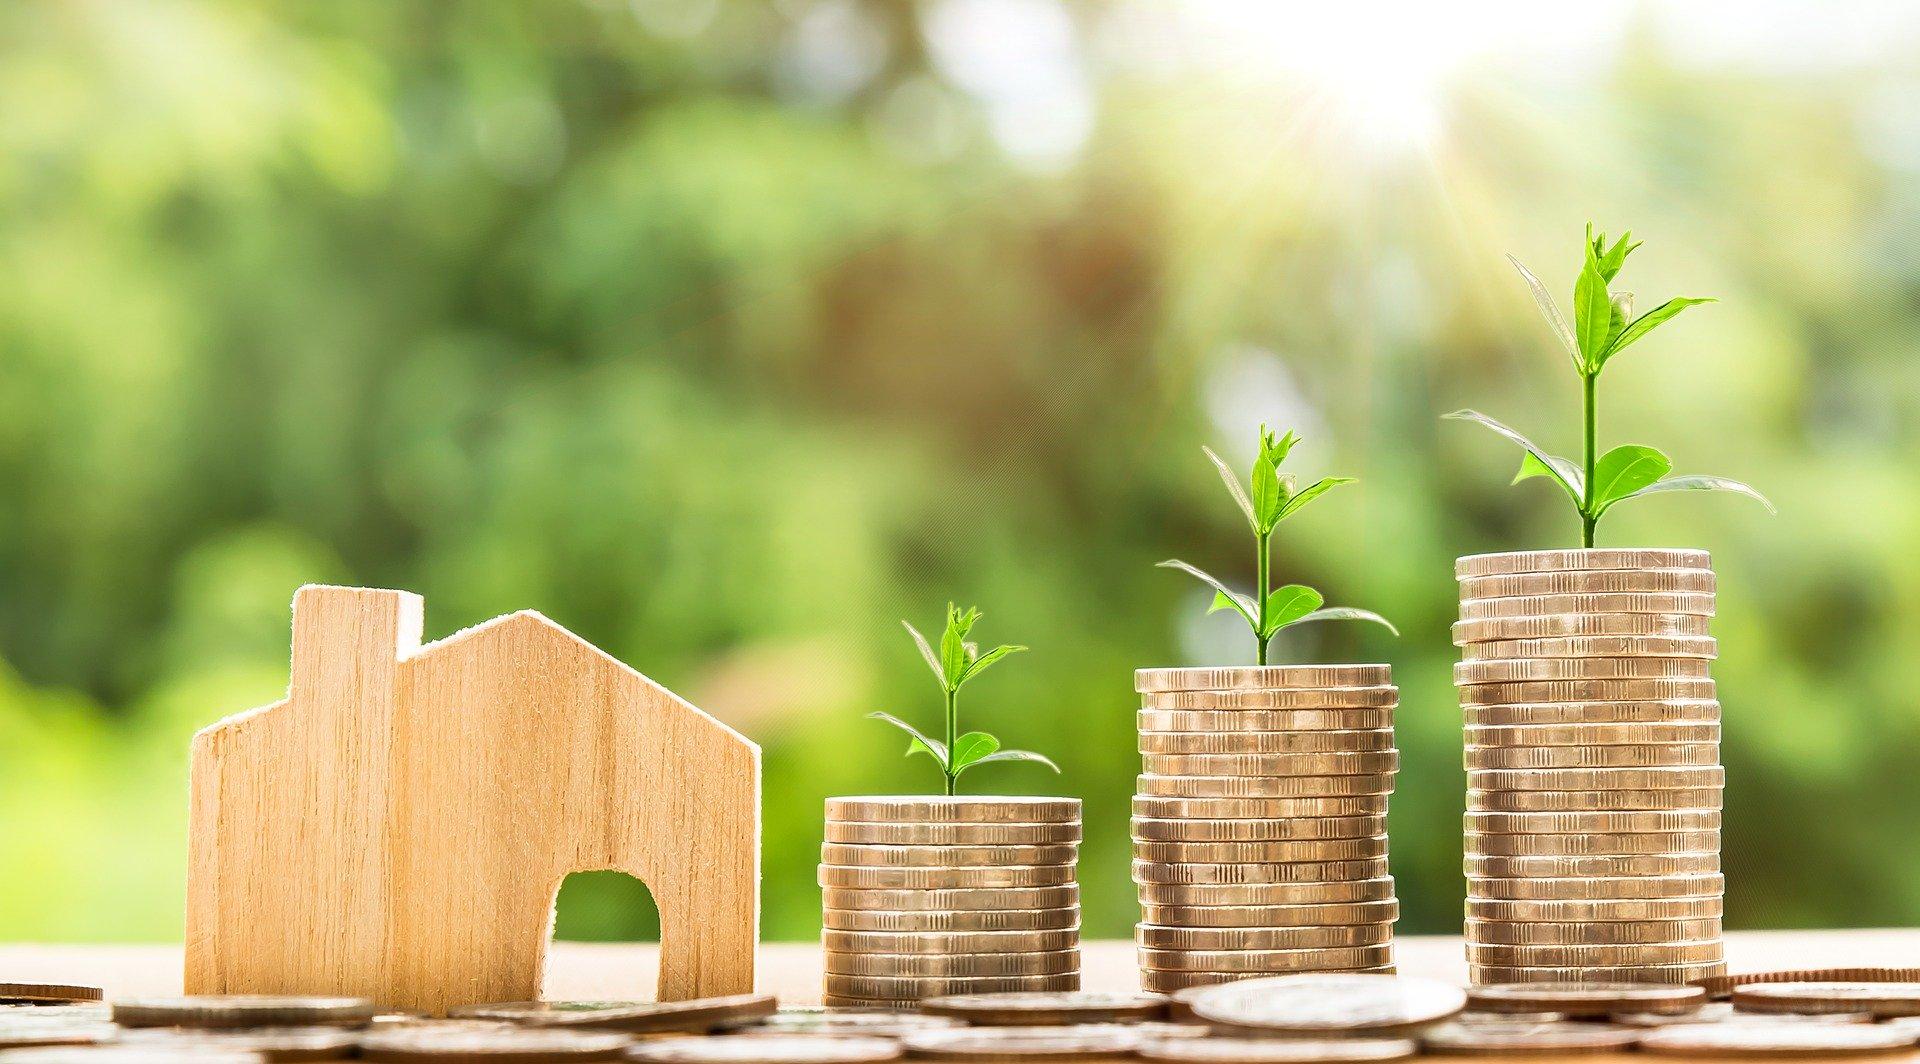 Правительство одобрило выделение 12 миллиардов на погашение ипотеки многодетных семей - фото 1